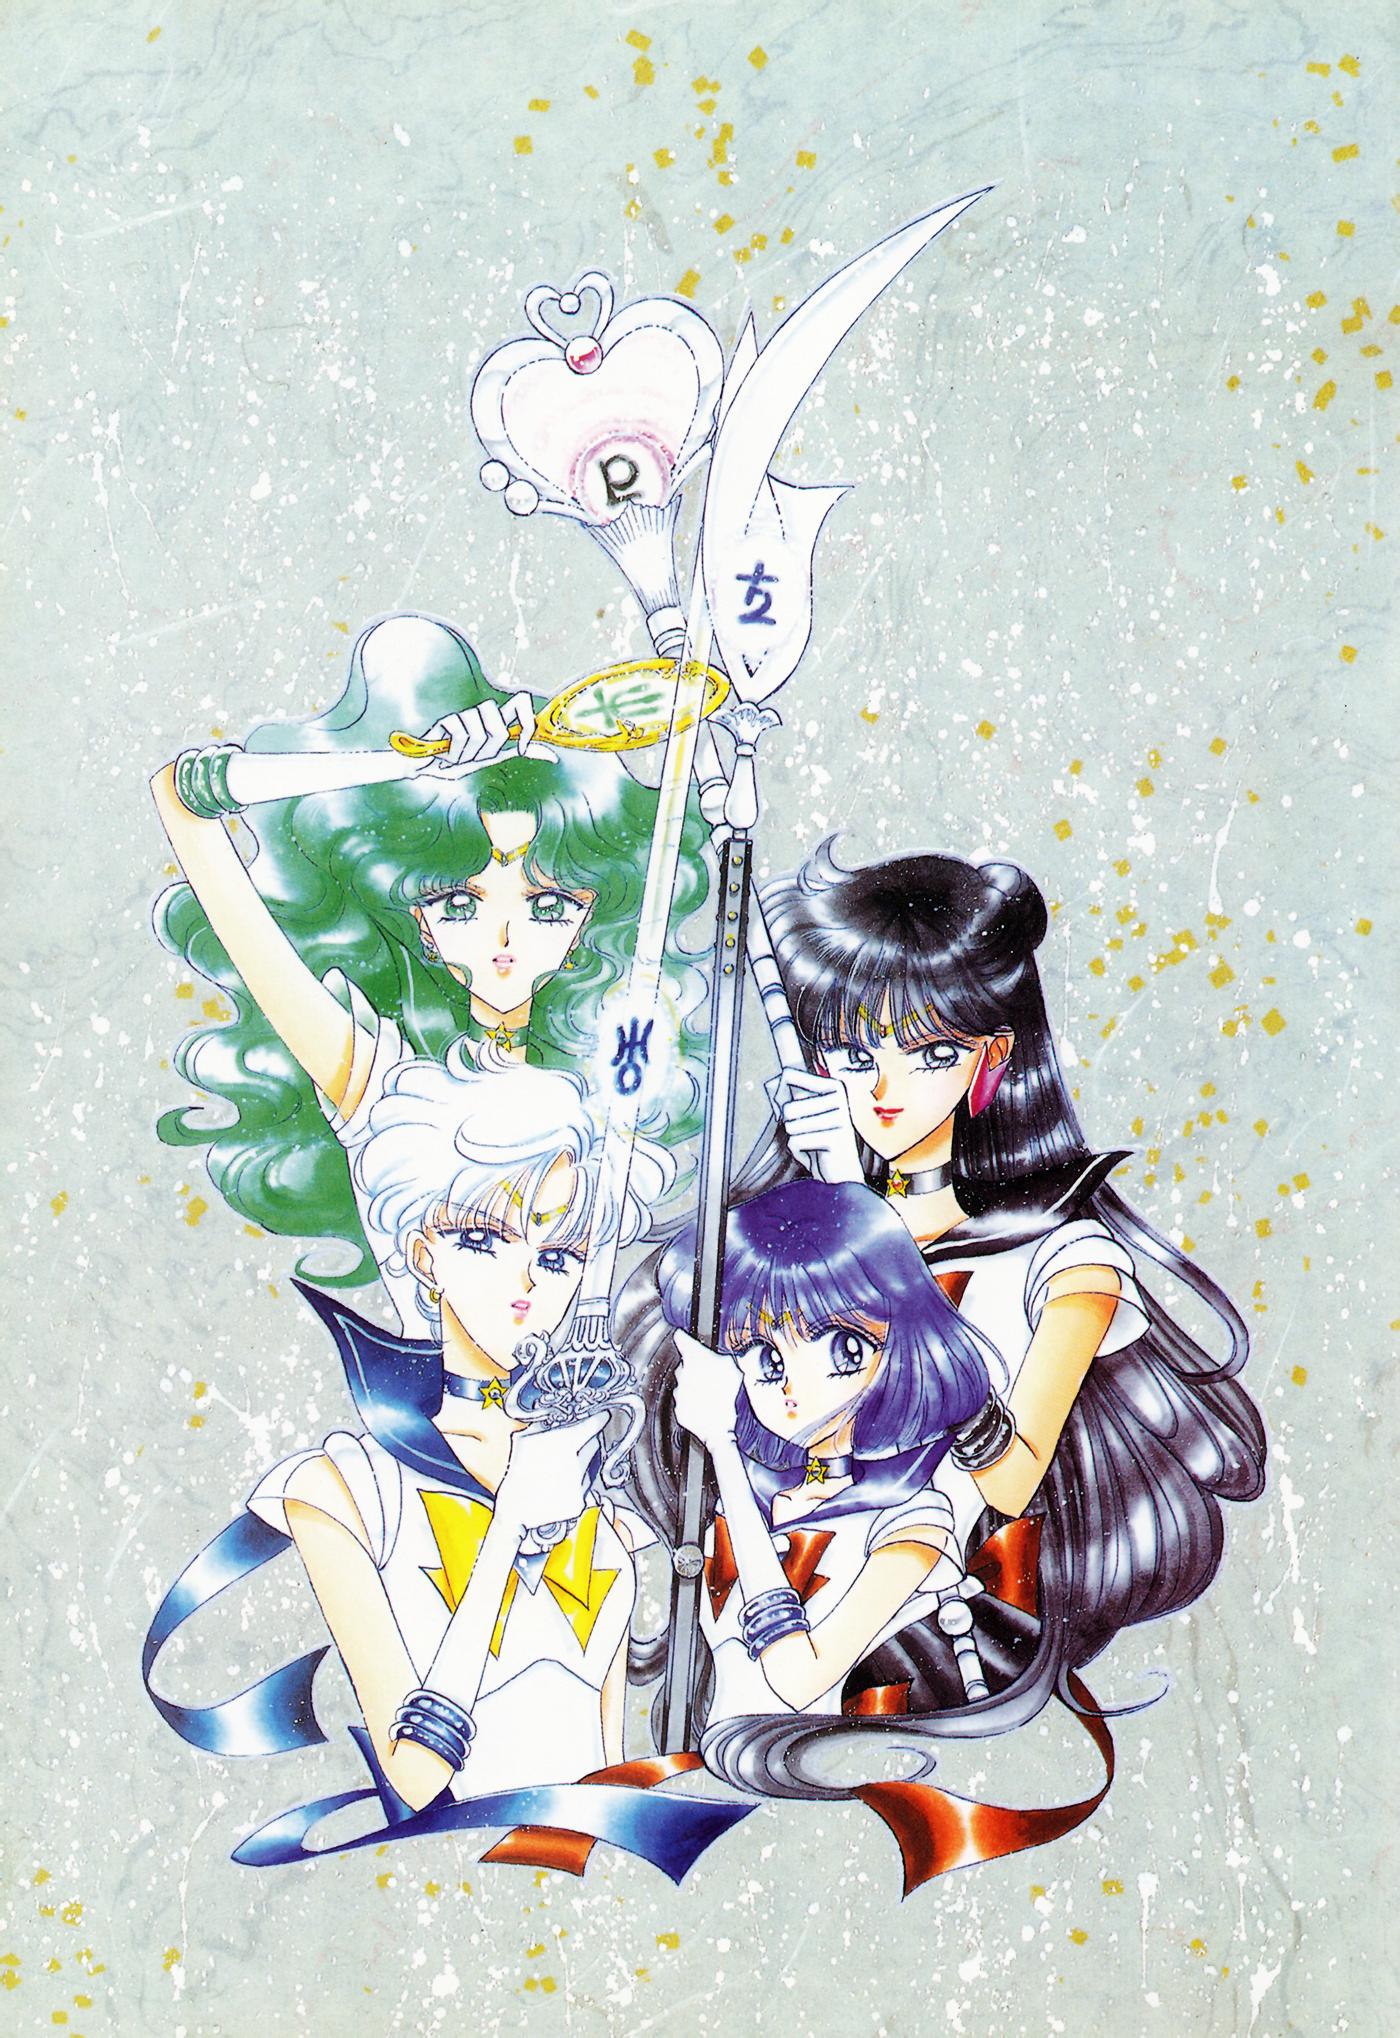 Manga_artbook_04_44